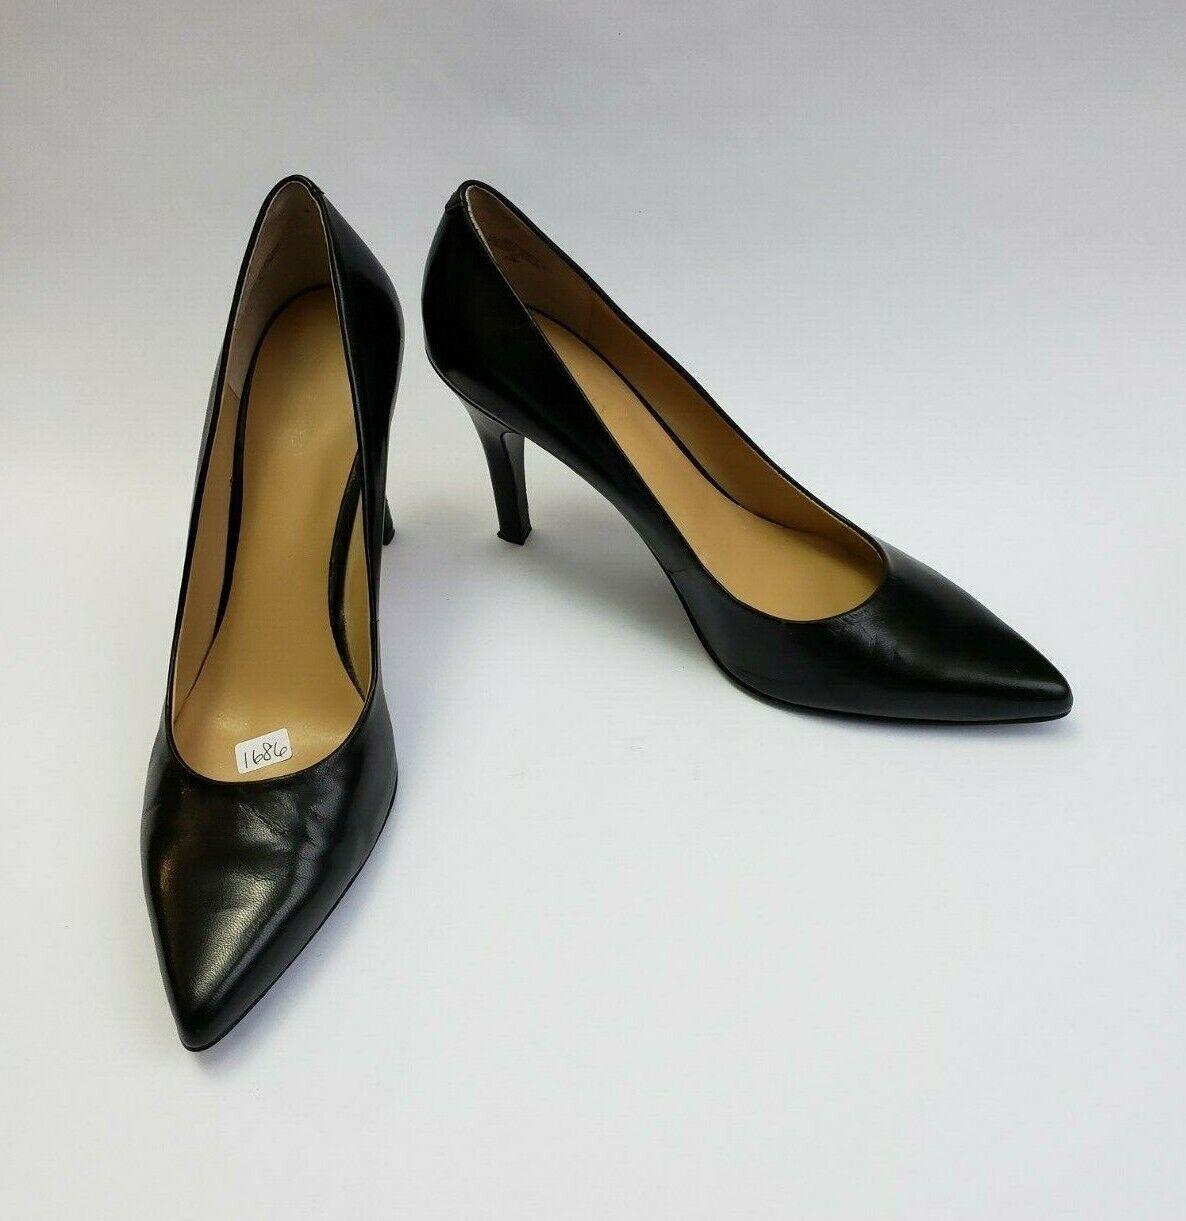 Nine West shoes Heels Pumps Black Wendle Womens Size 10 M